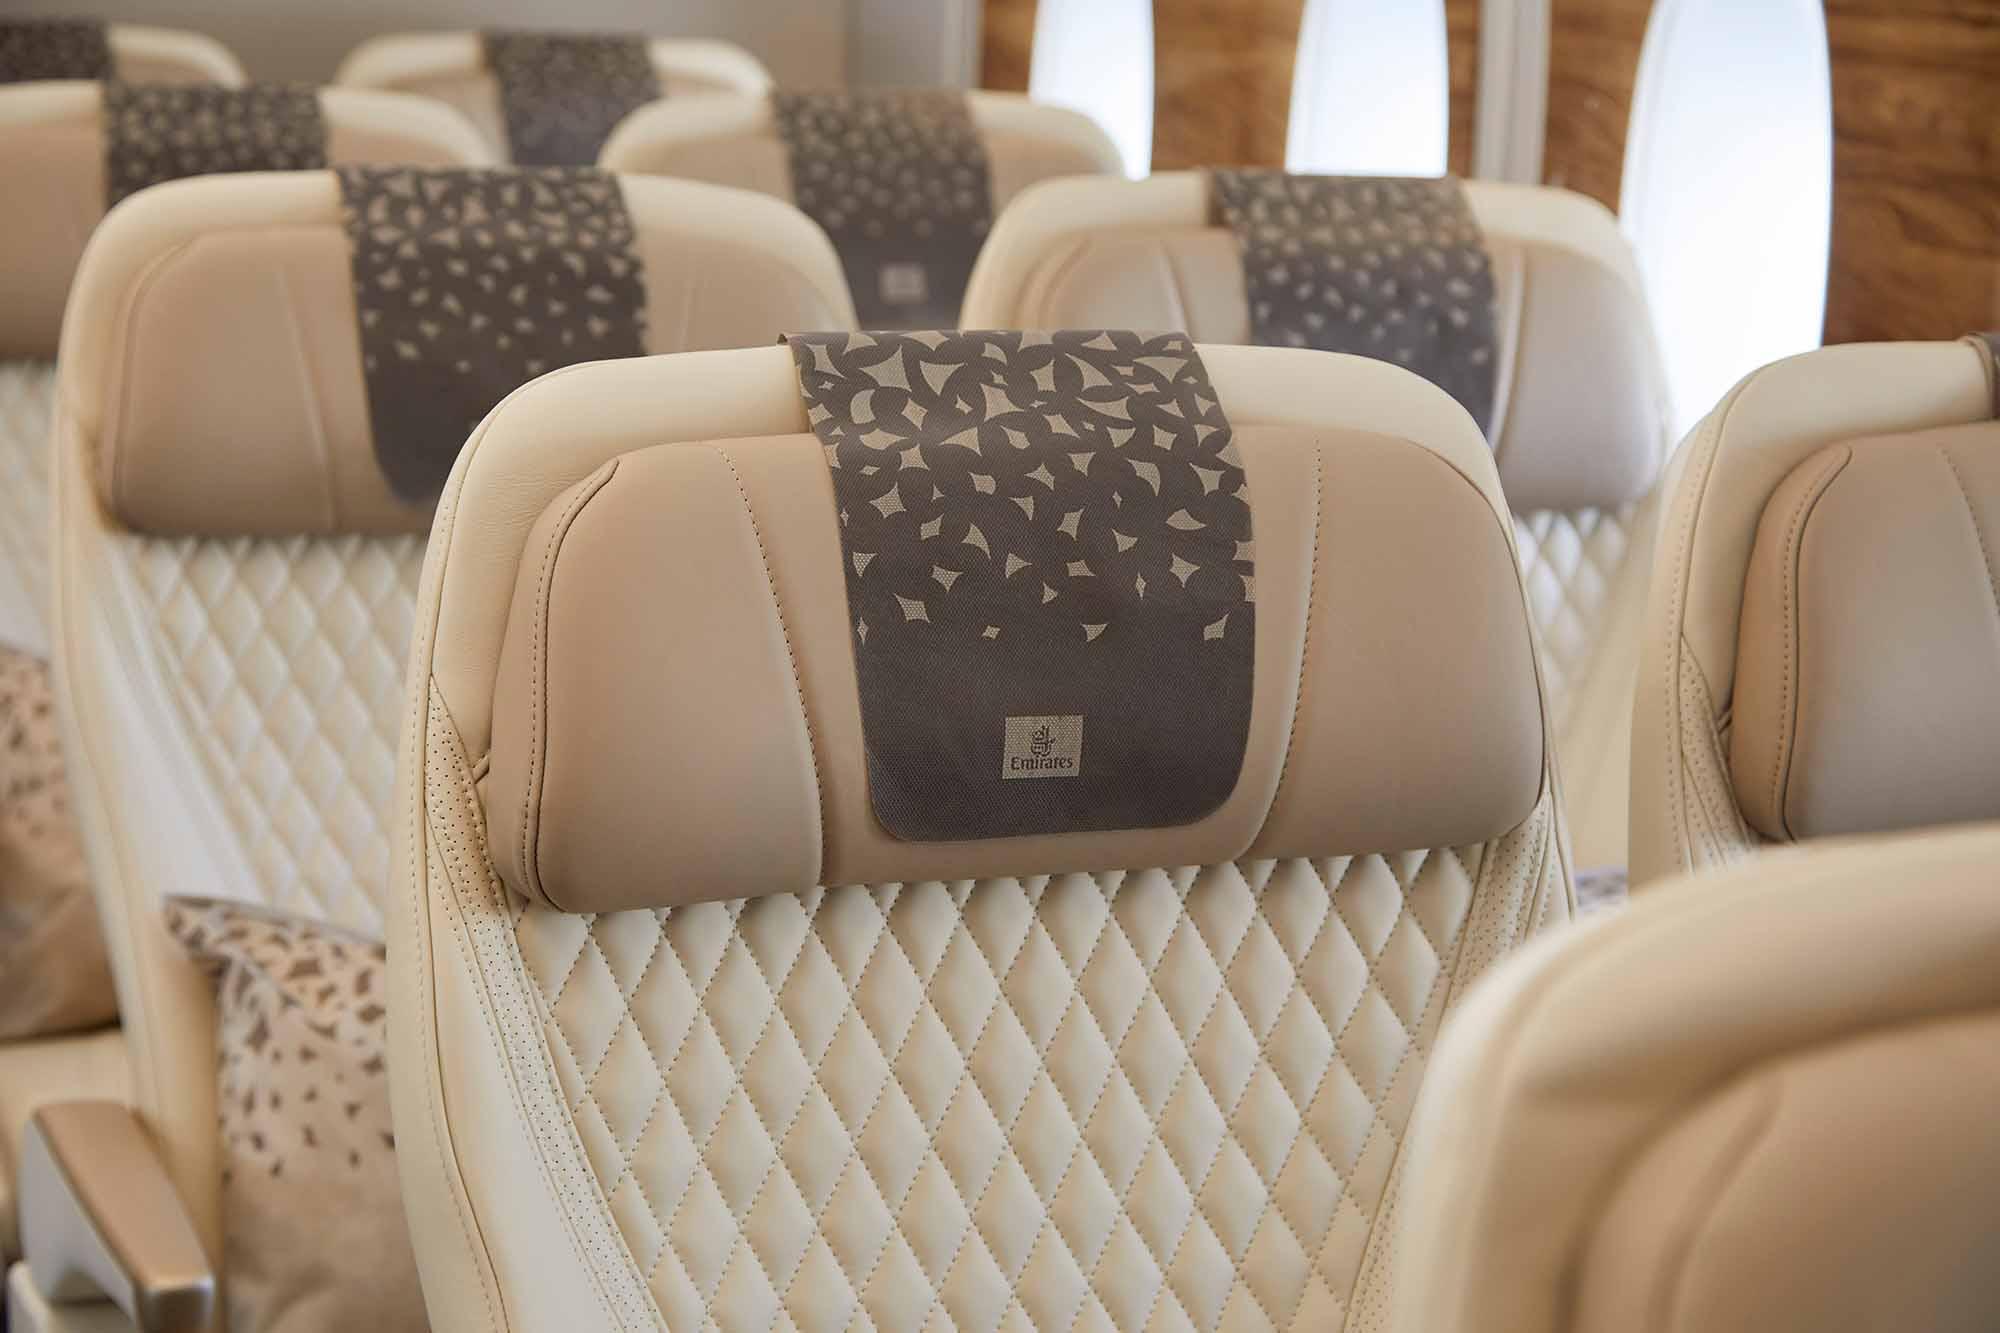 Premium-Economy-Kabine im A380. Emirates erwägt die Nachrüstung auf seiner bestehenden A380-Flotte. / Foto: Emirates